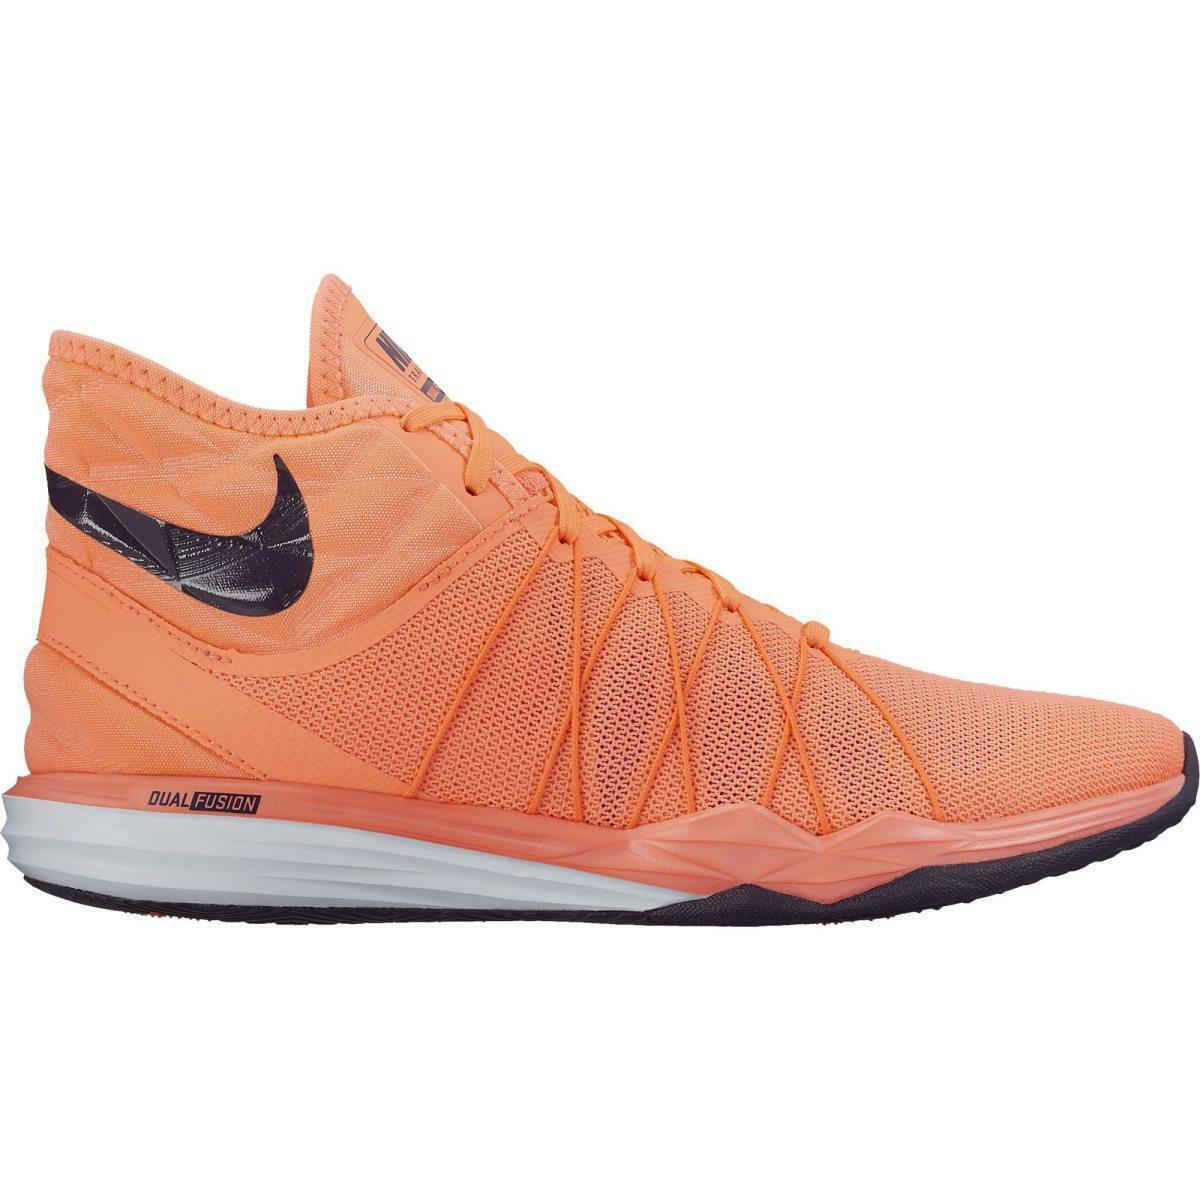 Femmes Nike Dualfusion Tr Frappé Baskets Montantes 852442 800